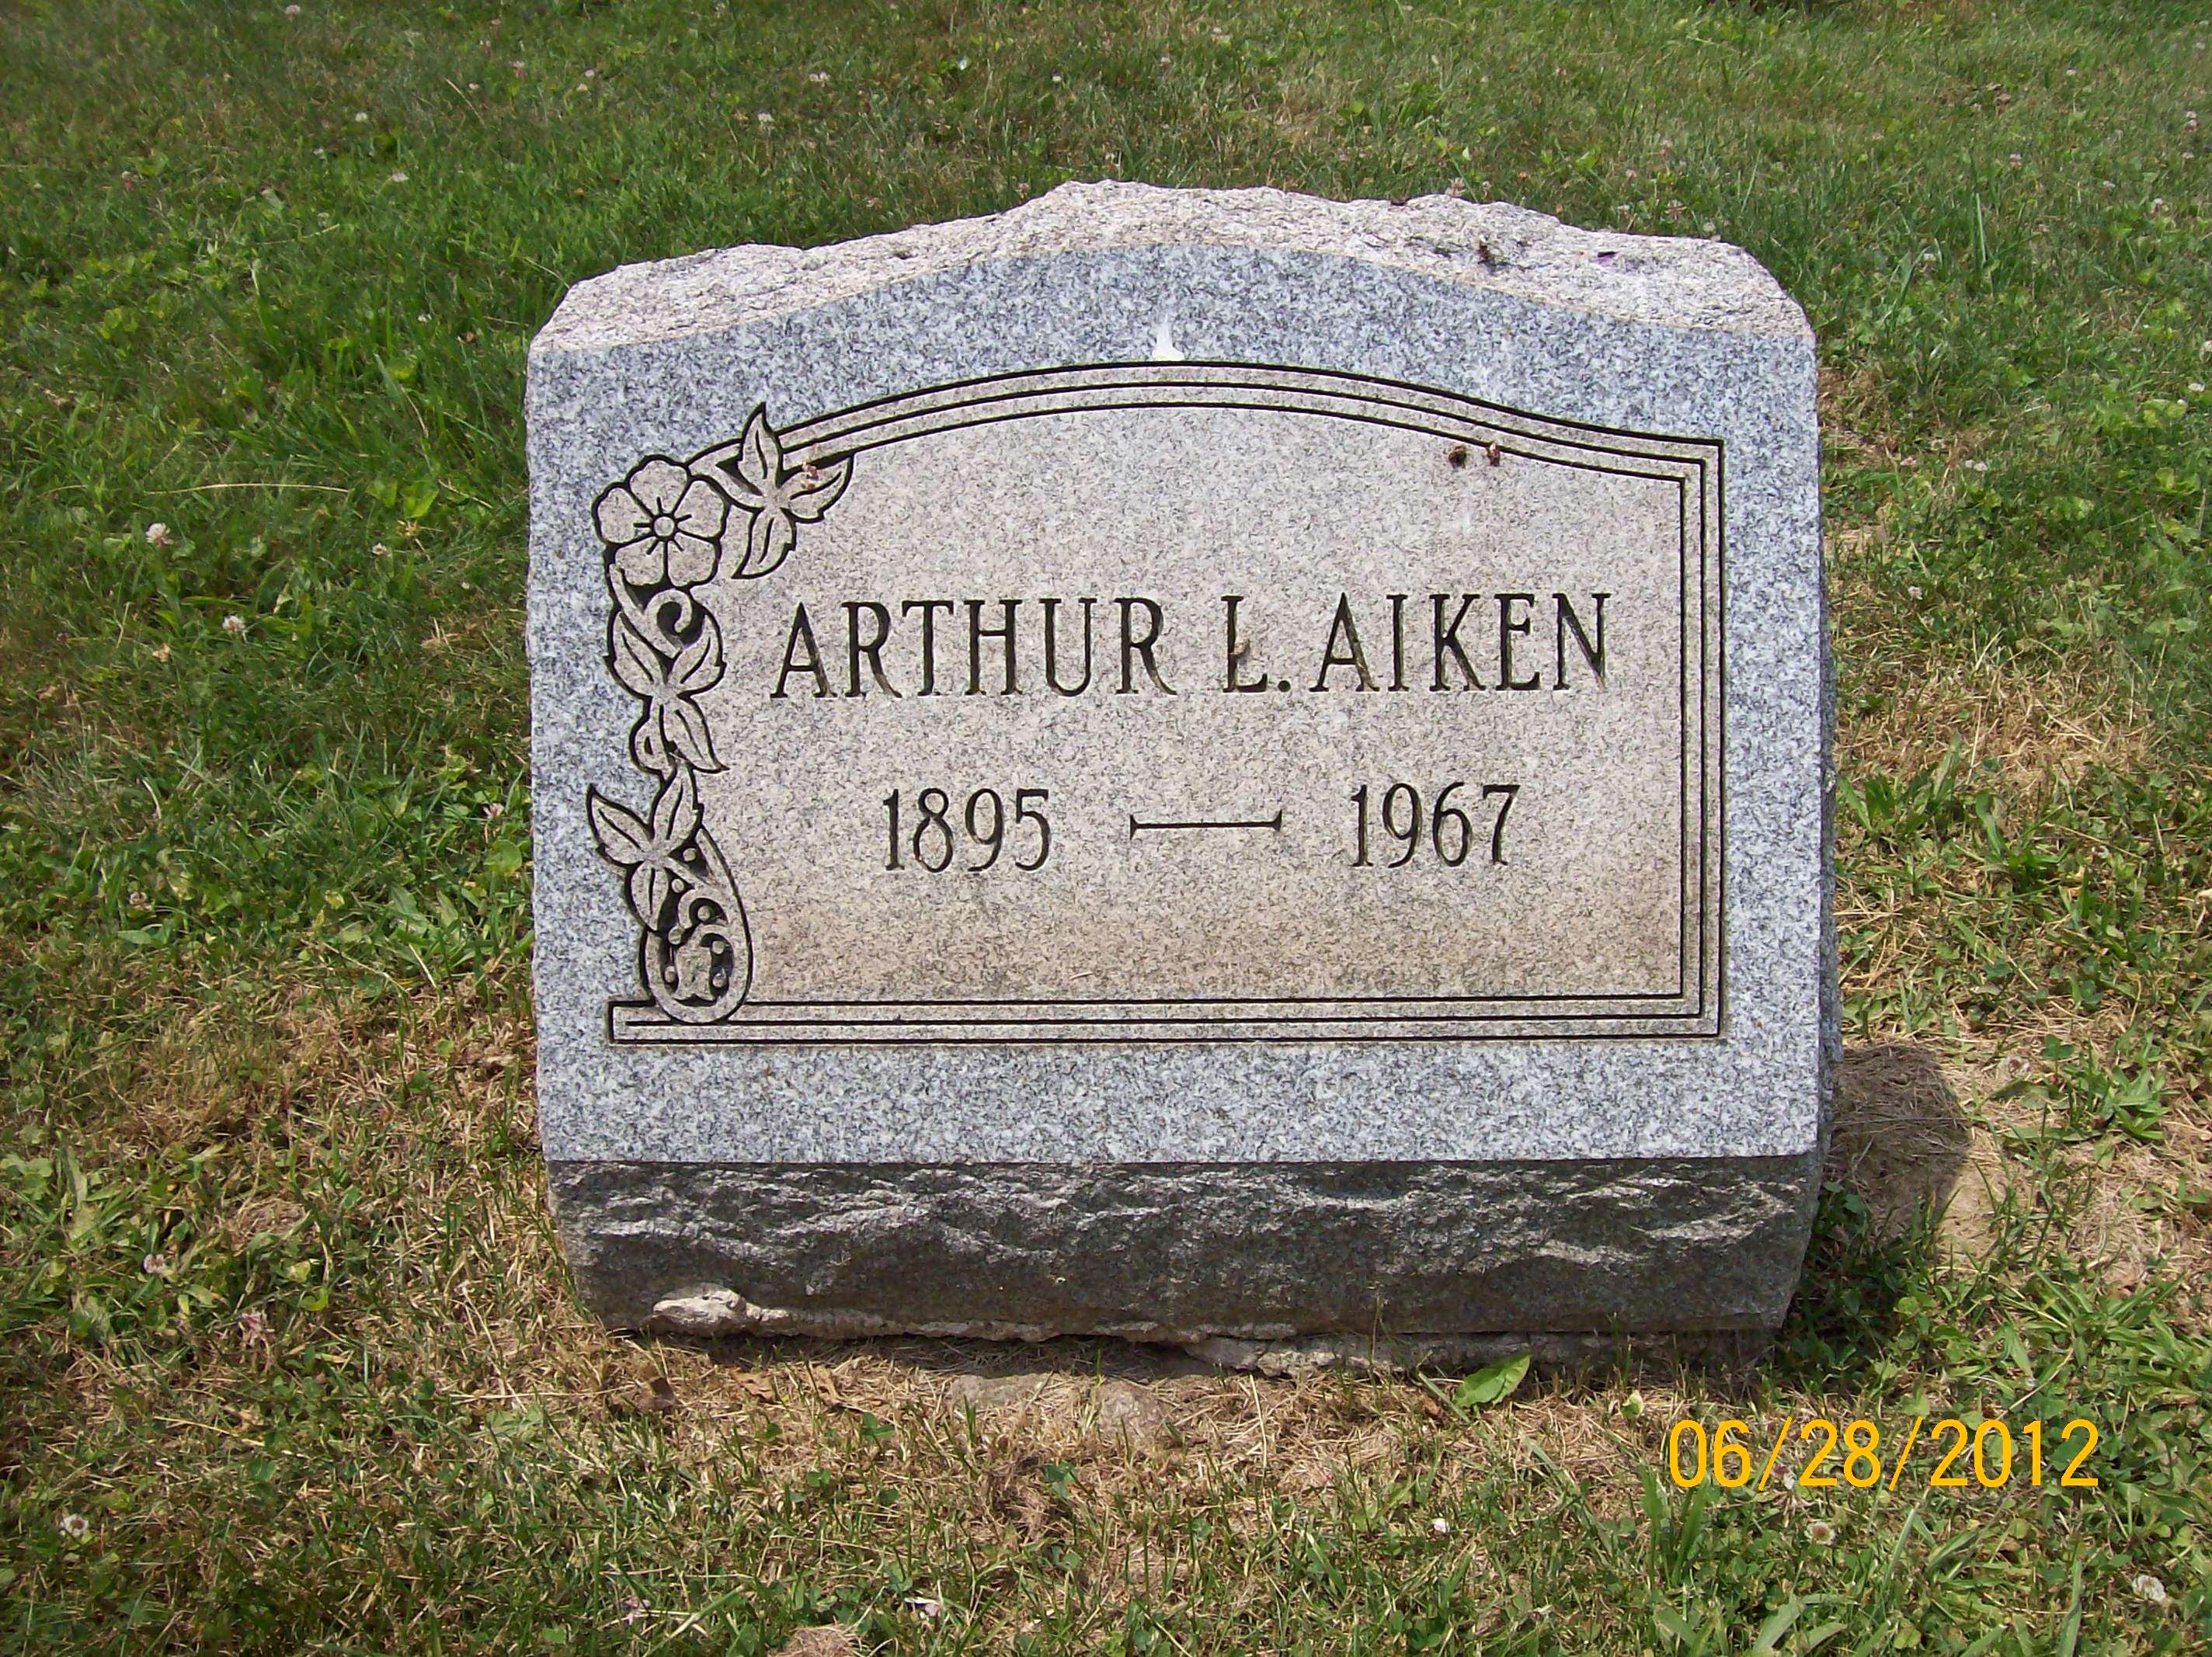 Arthur L. Aiken